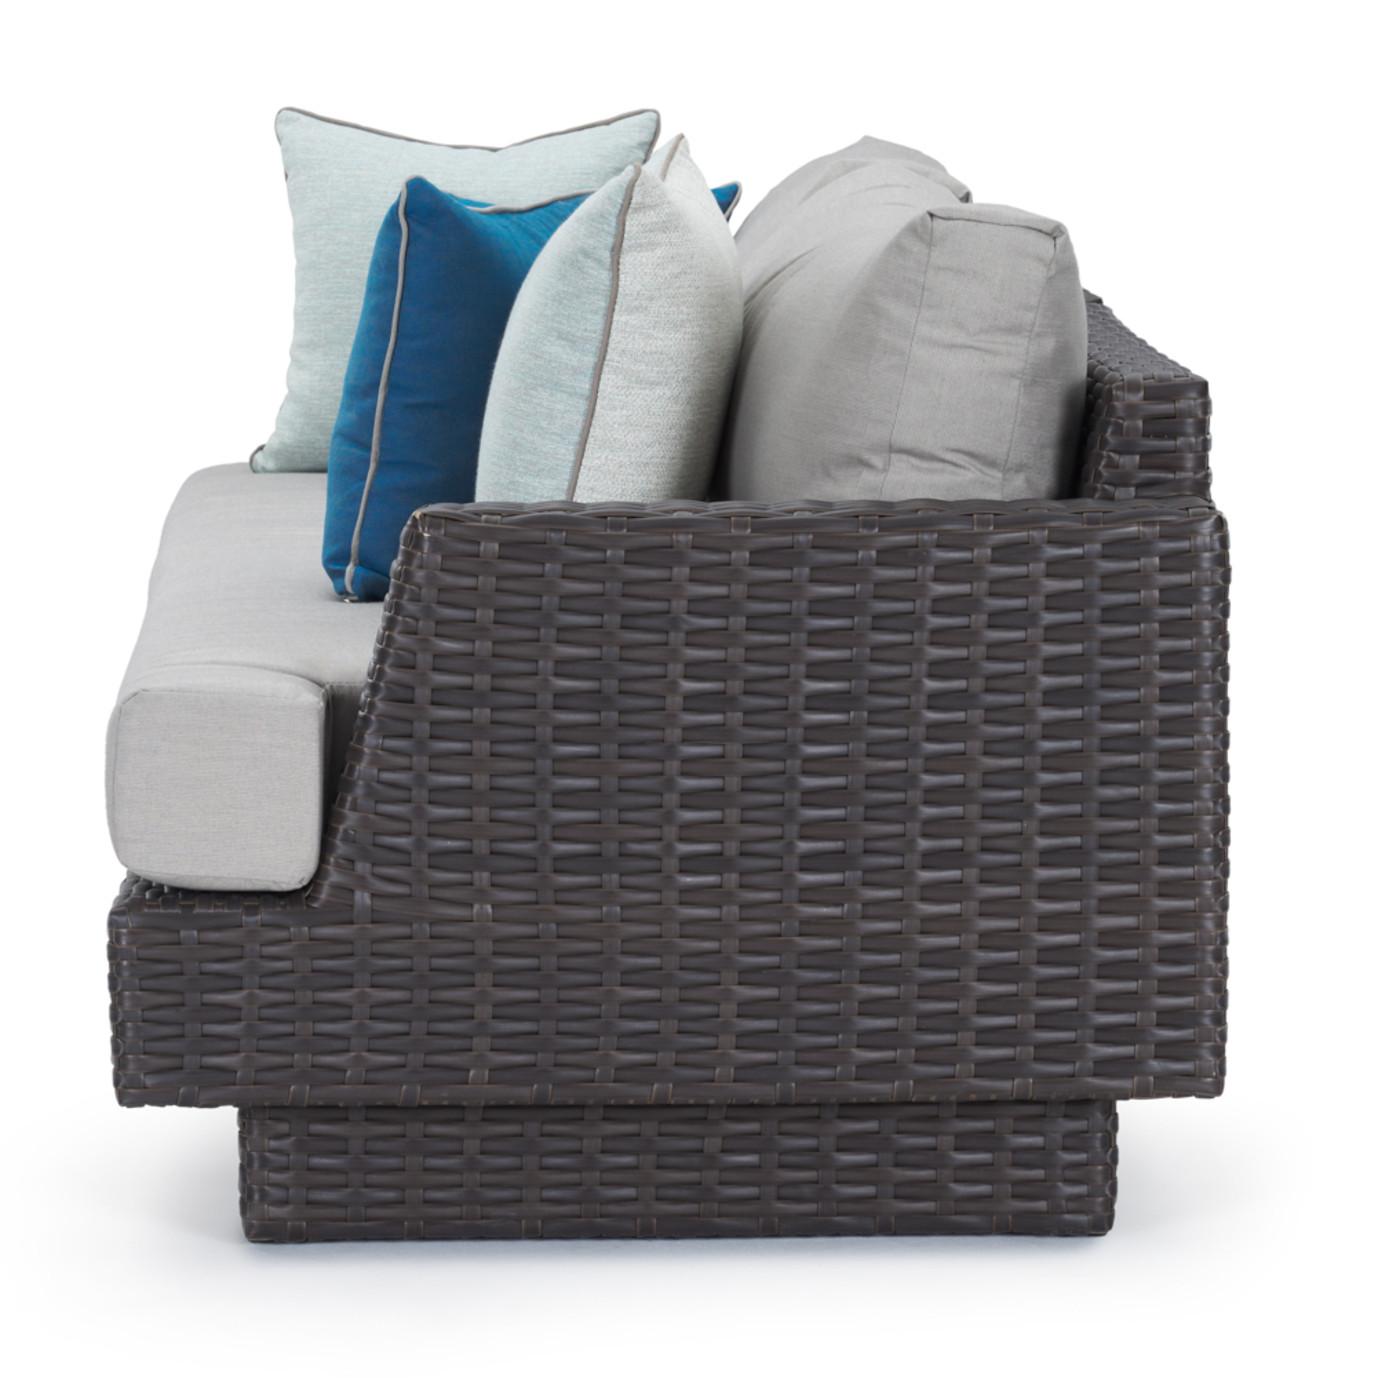 Portofino Repose 96in Sofa - Dove Gray